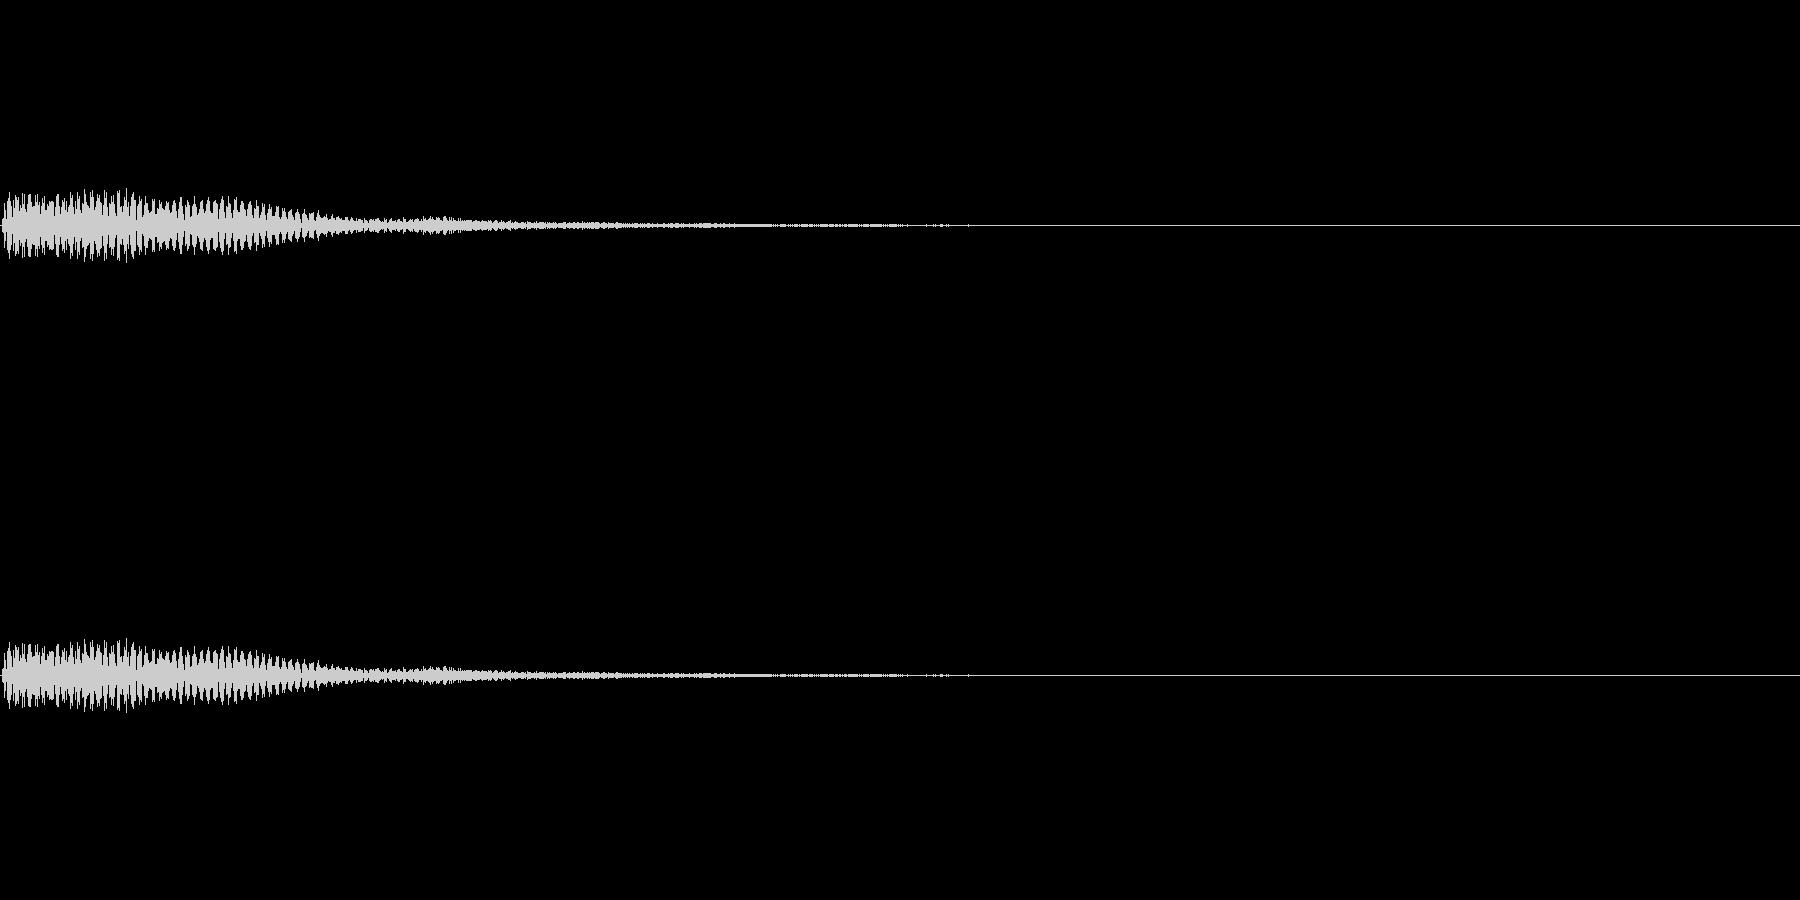 デン!ゲームアプリ決定音【11-1】の未再生の波形